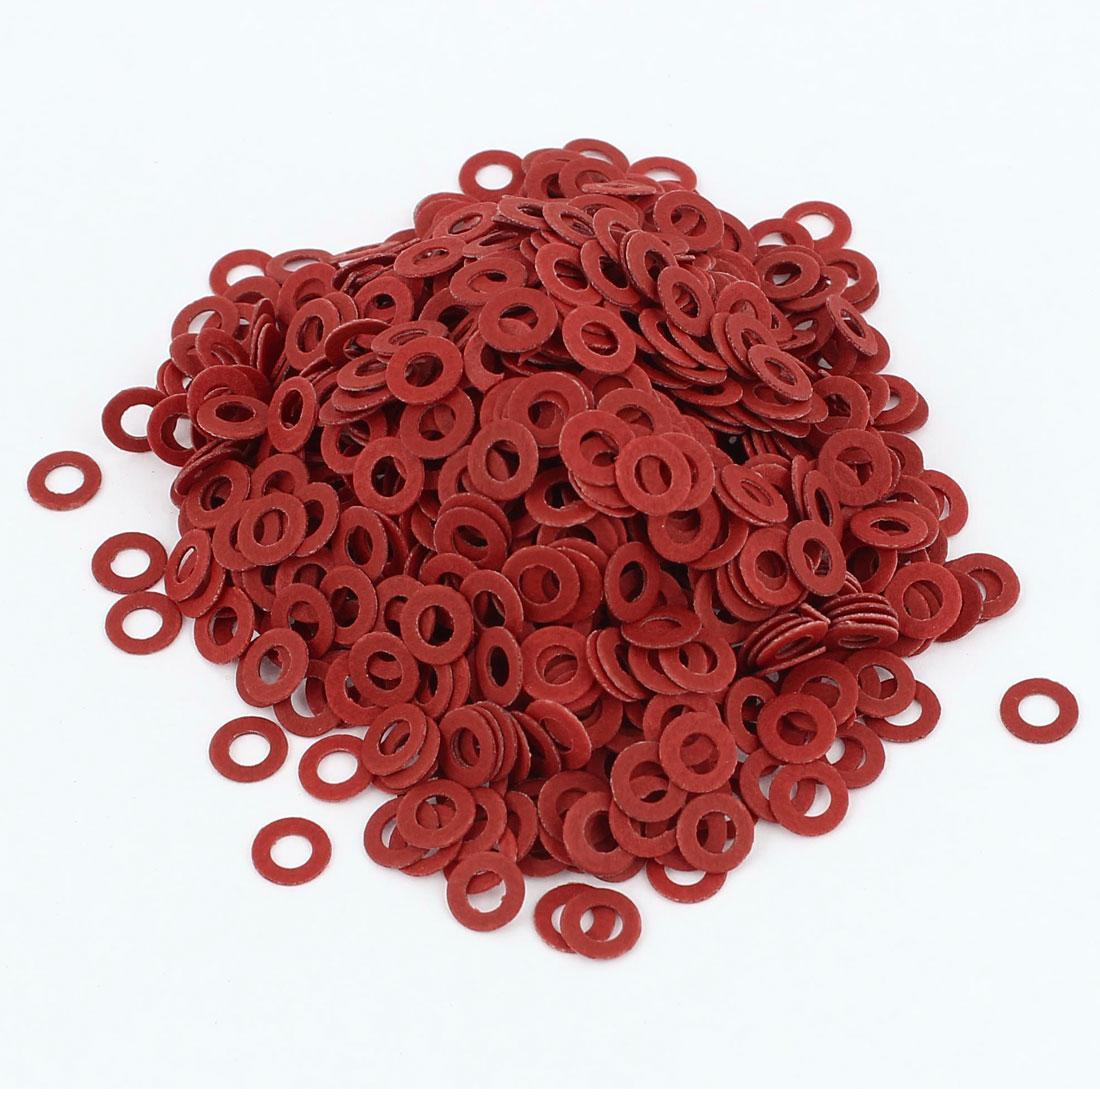 Fiber Flat Insulating Washer 2mmx6mmx0.5mm 1000Pcs Deep Red for Screws